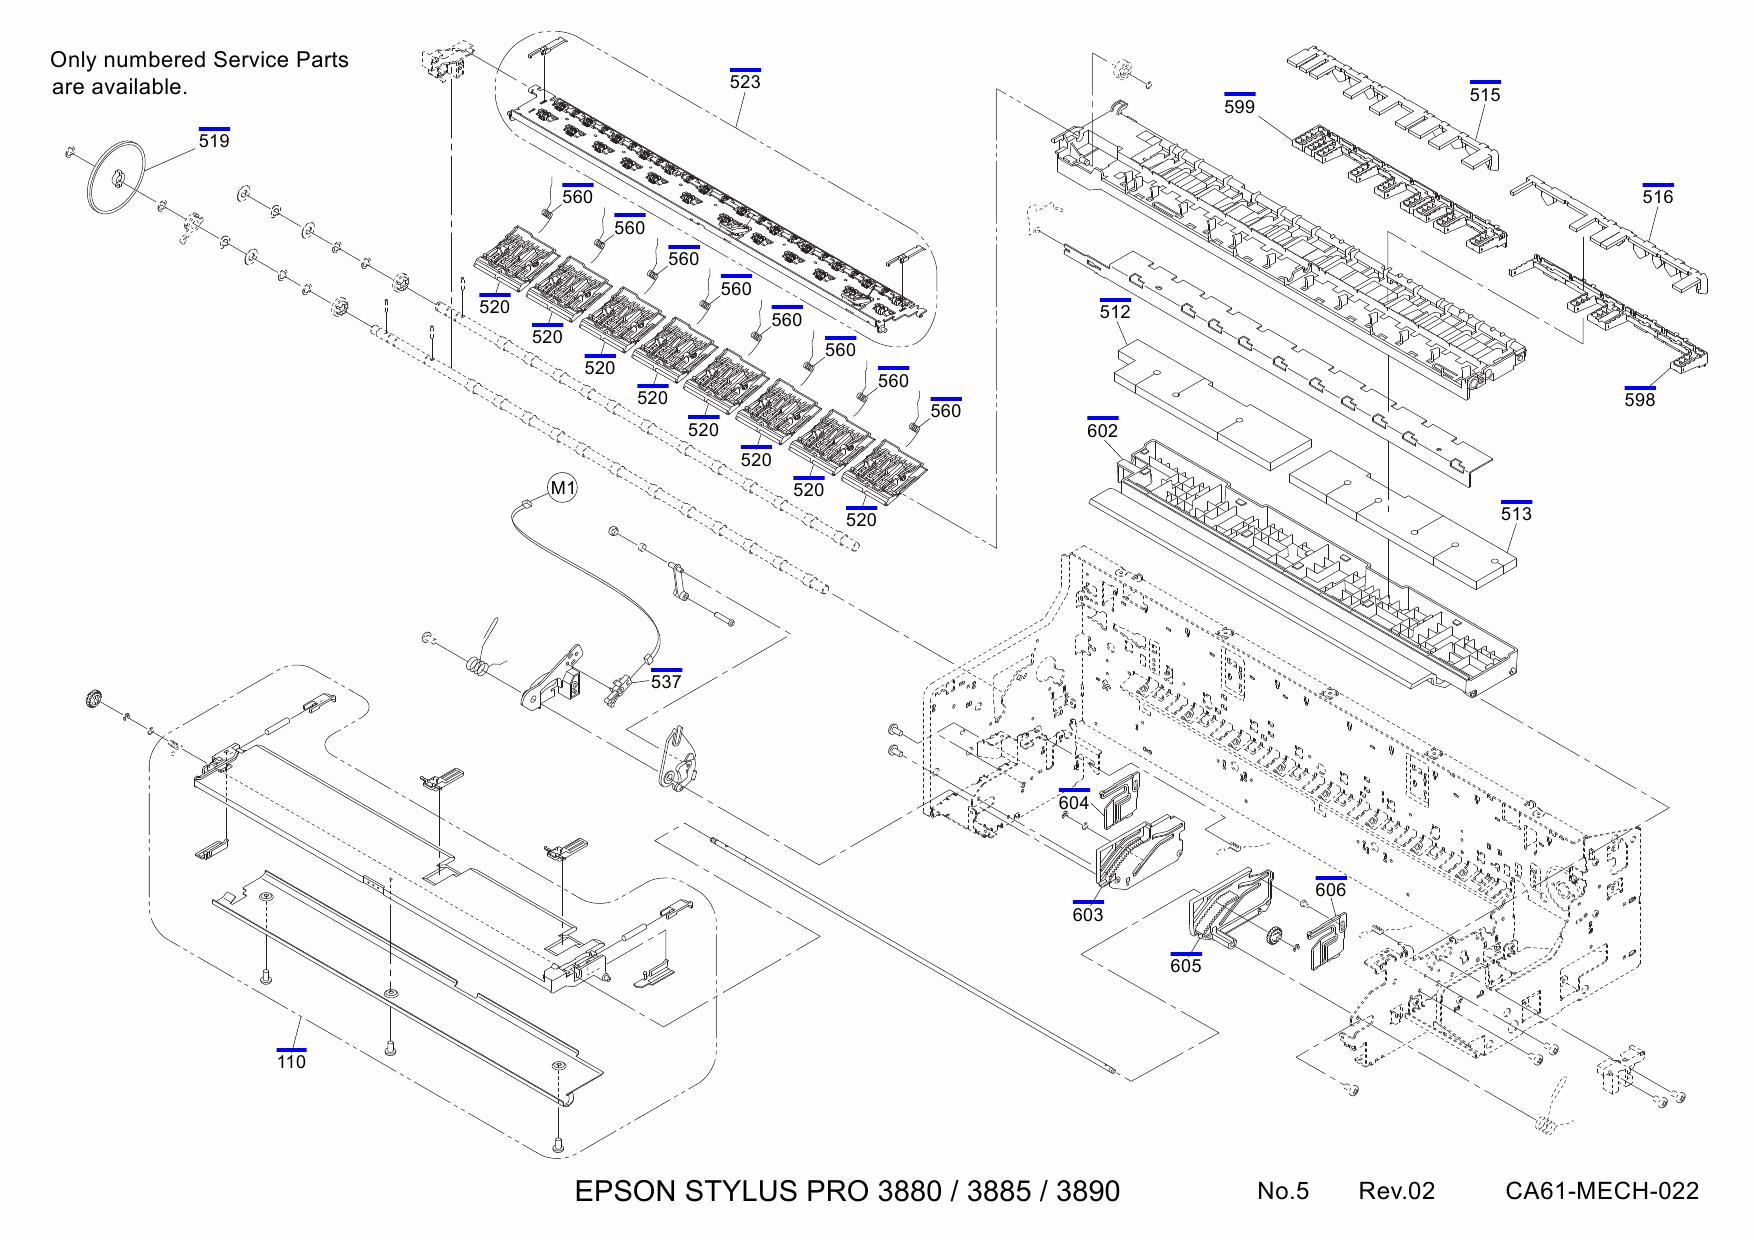 EPSON StylusPro 3880 3885 3890 Parts Manual